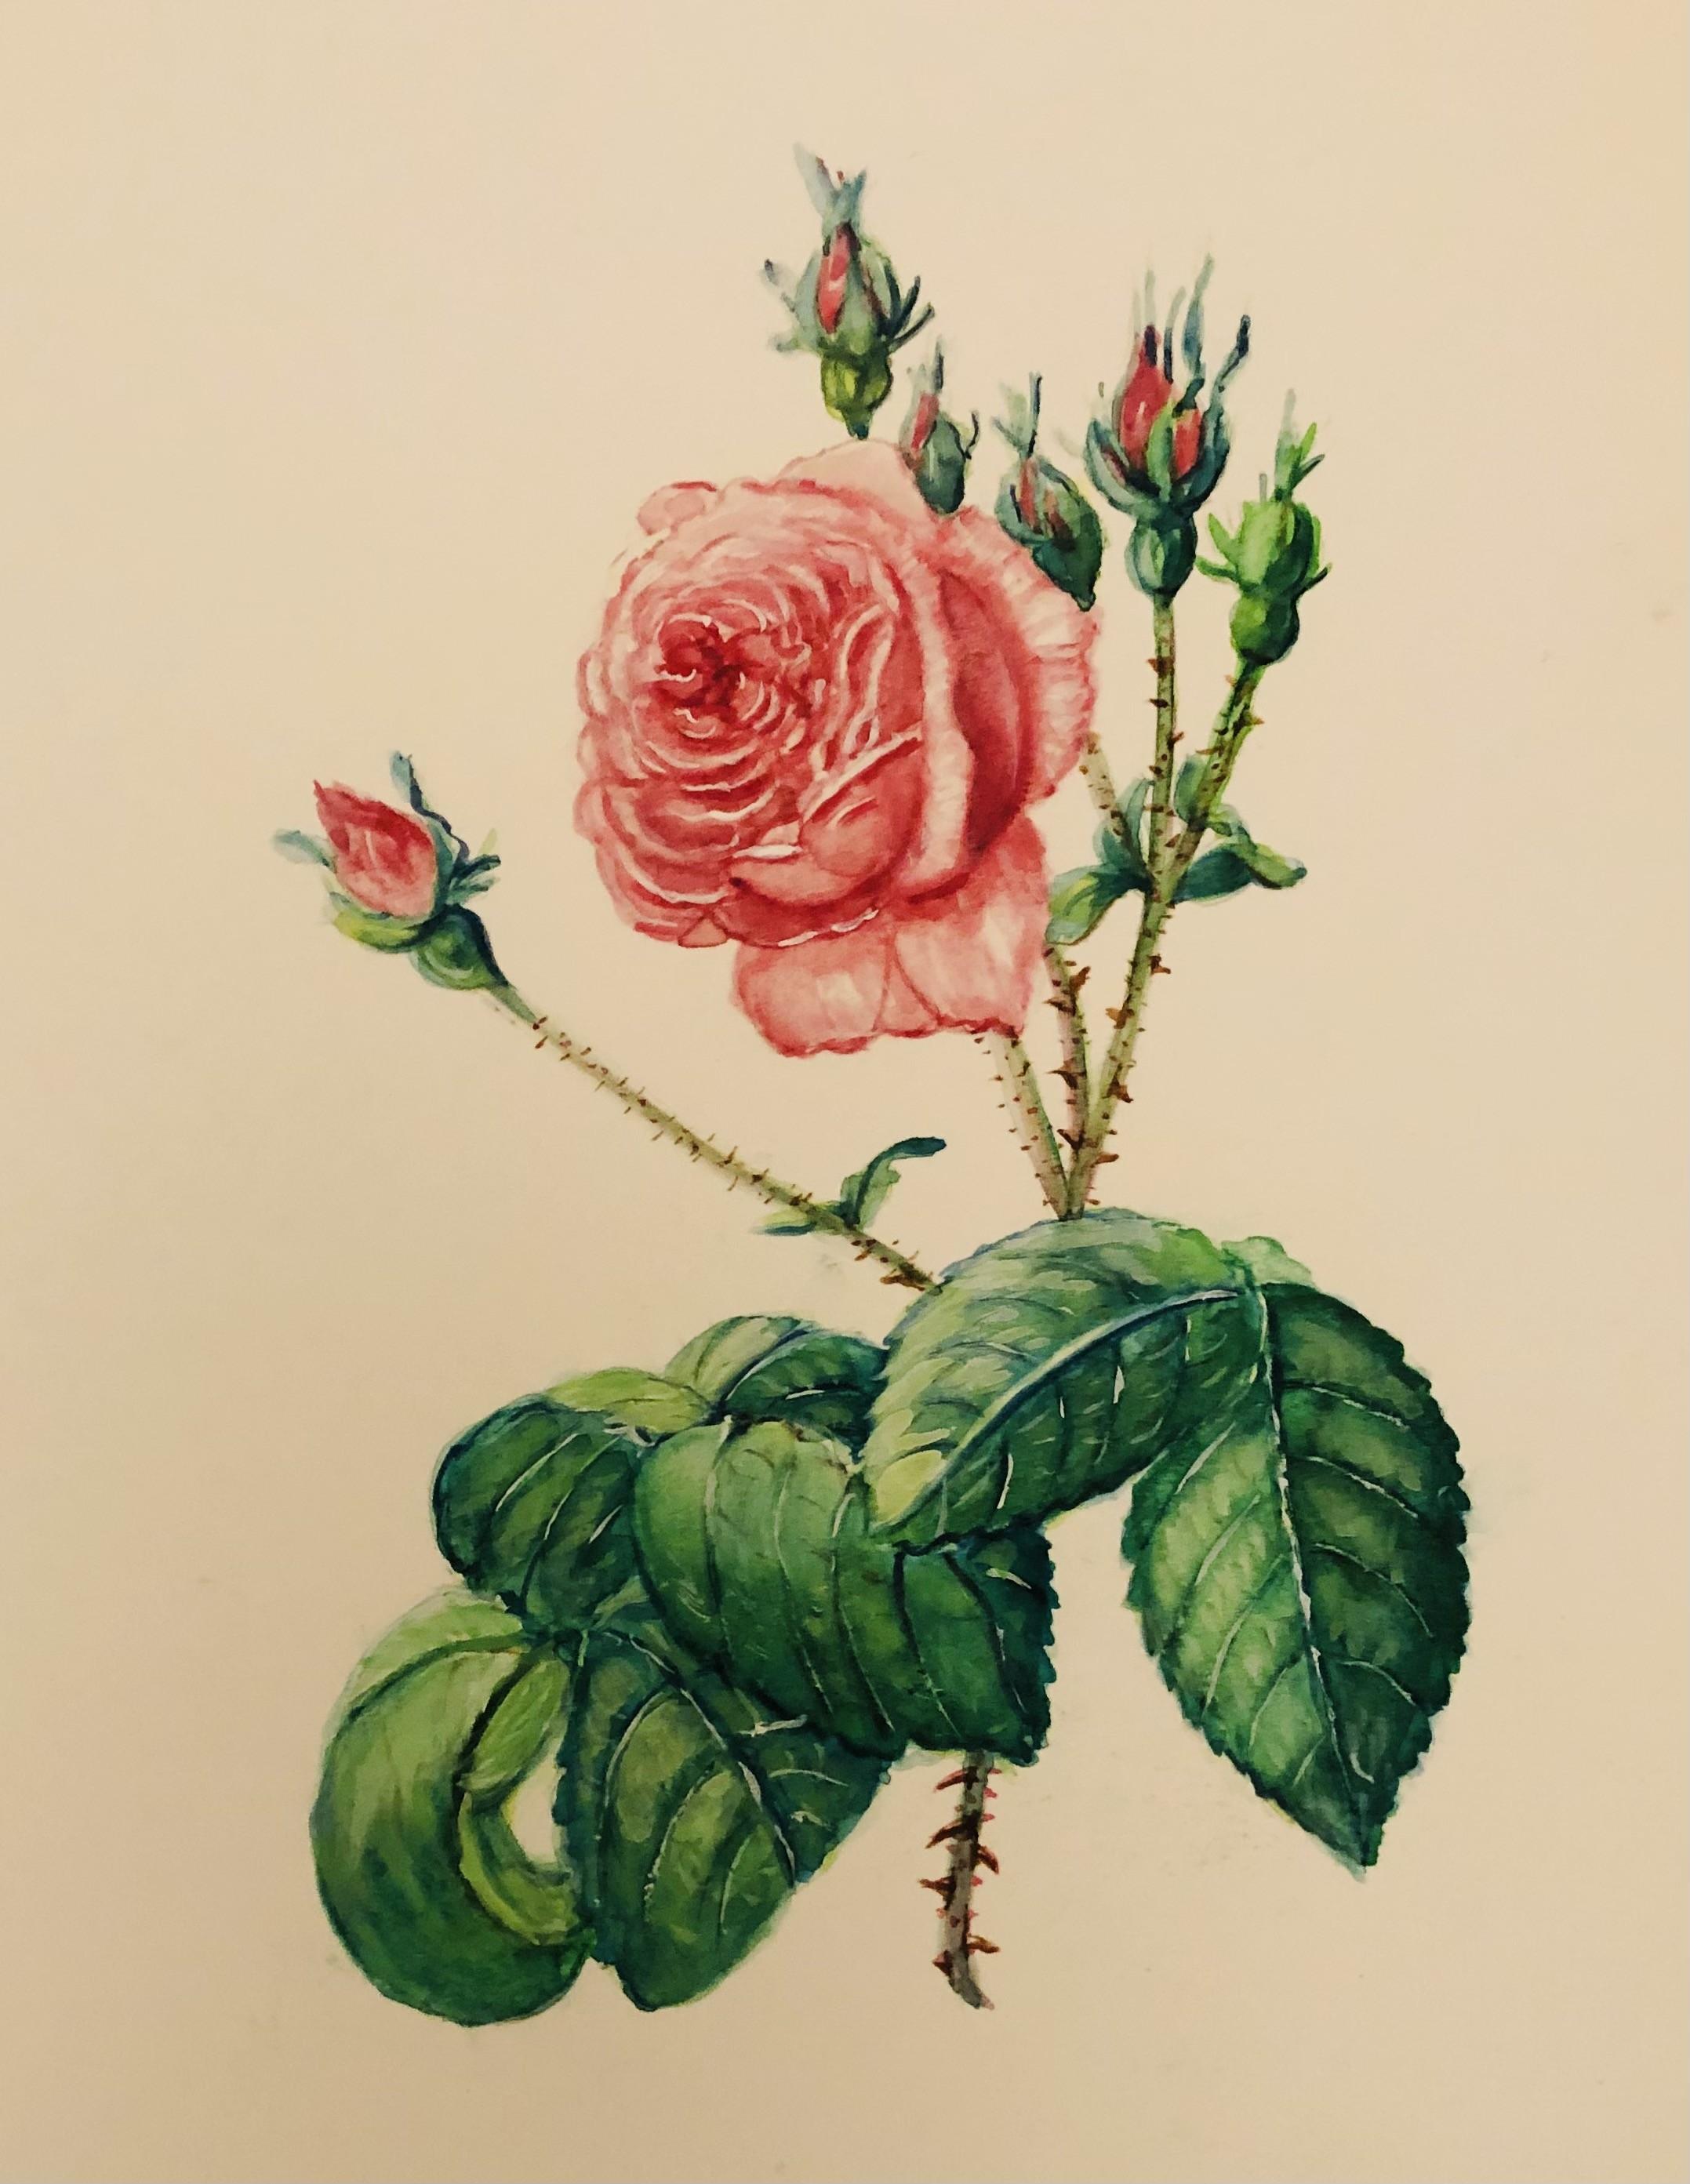 Rose I      Watercolour       18 x 13 cm   (Framed size 38.5 x 33.5 cm)